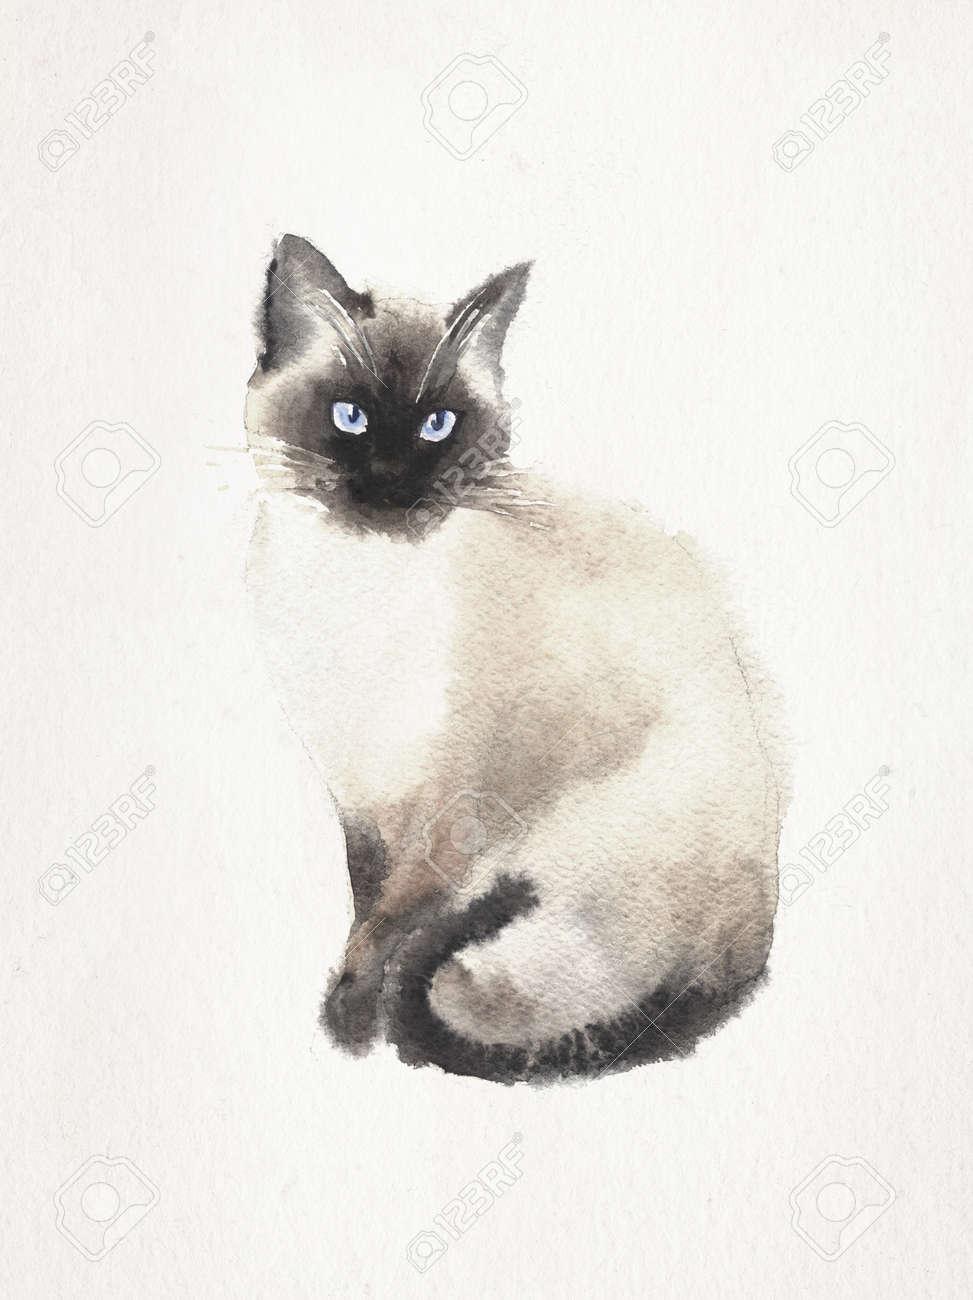 Acuarela Y Lápiz De Dibujo De Un Gato Siamés En Un Fondo De La